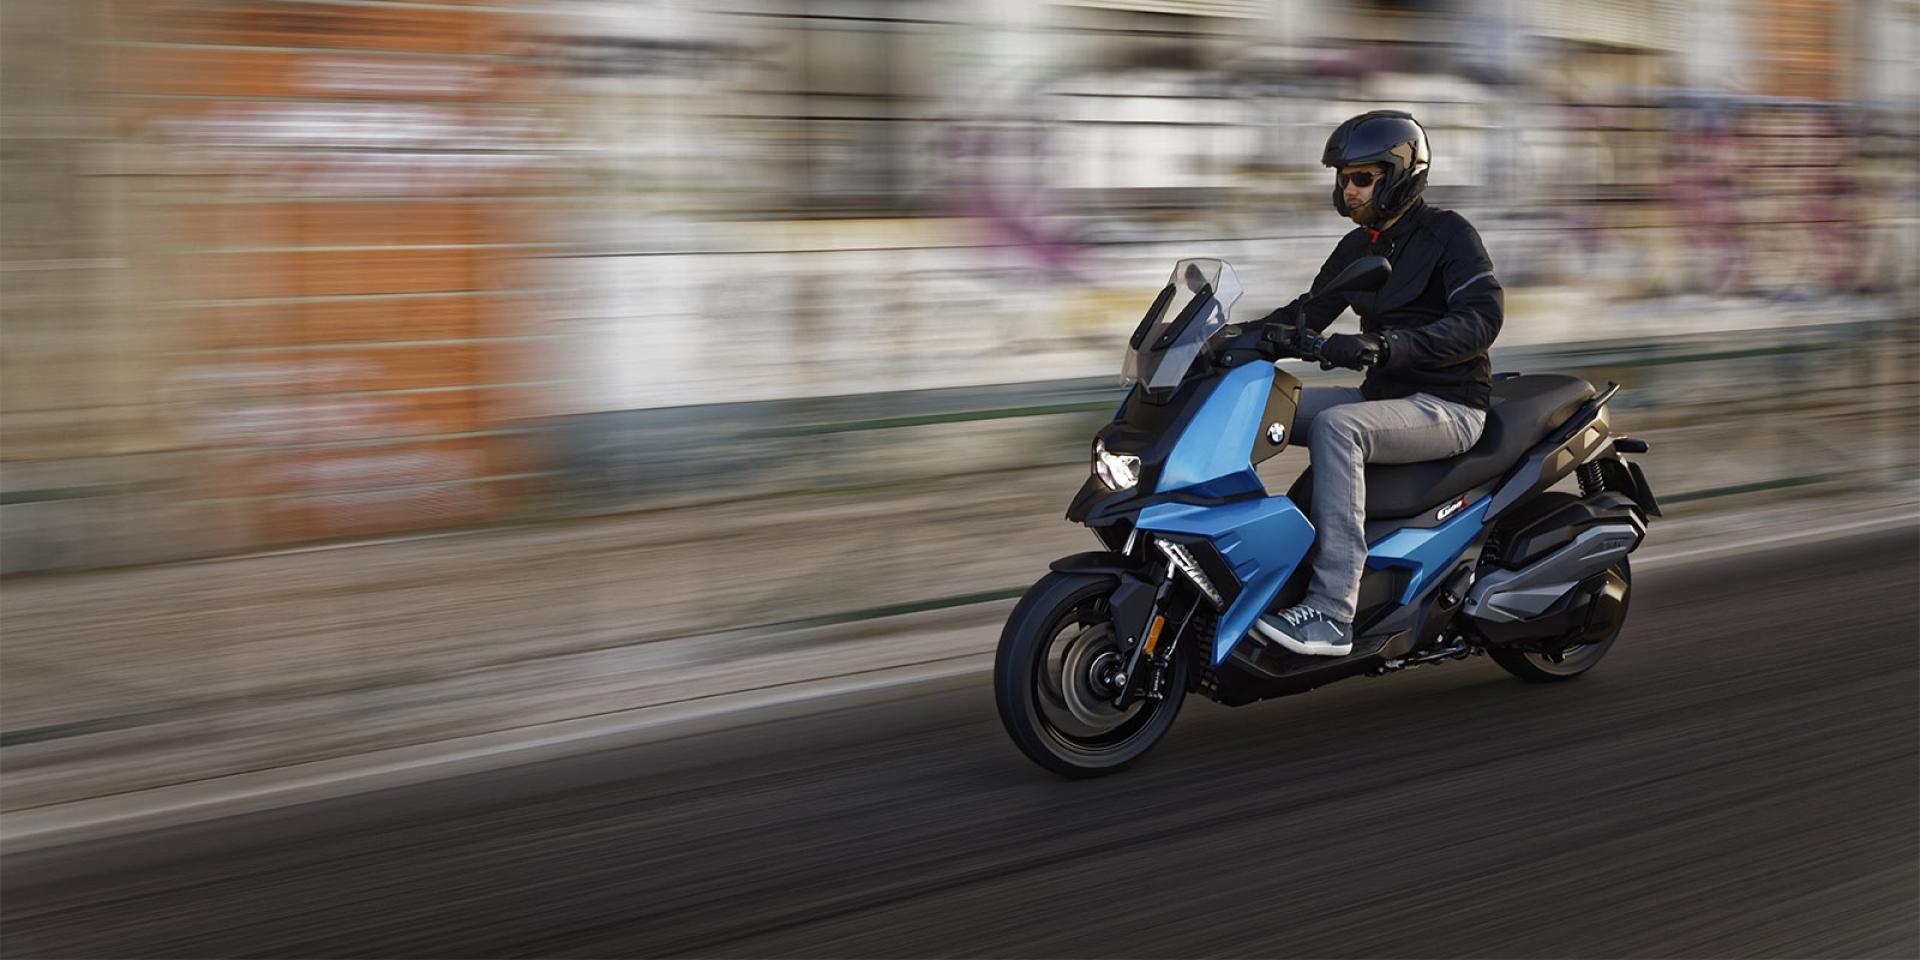 跨界黃牌新勢力。BMW C400X外媒試駕分享